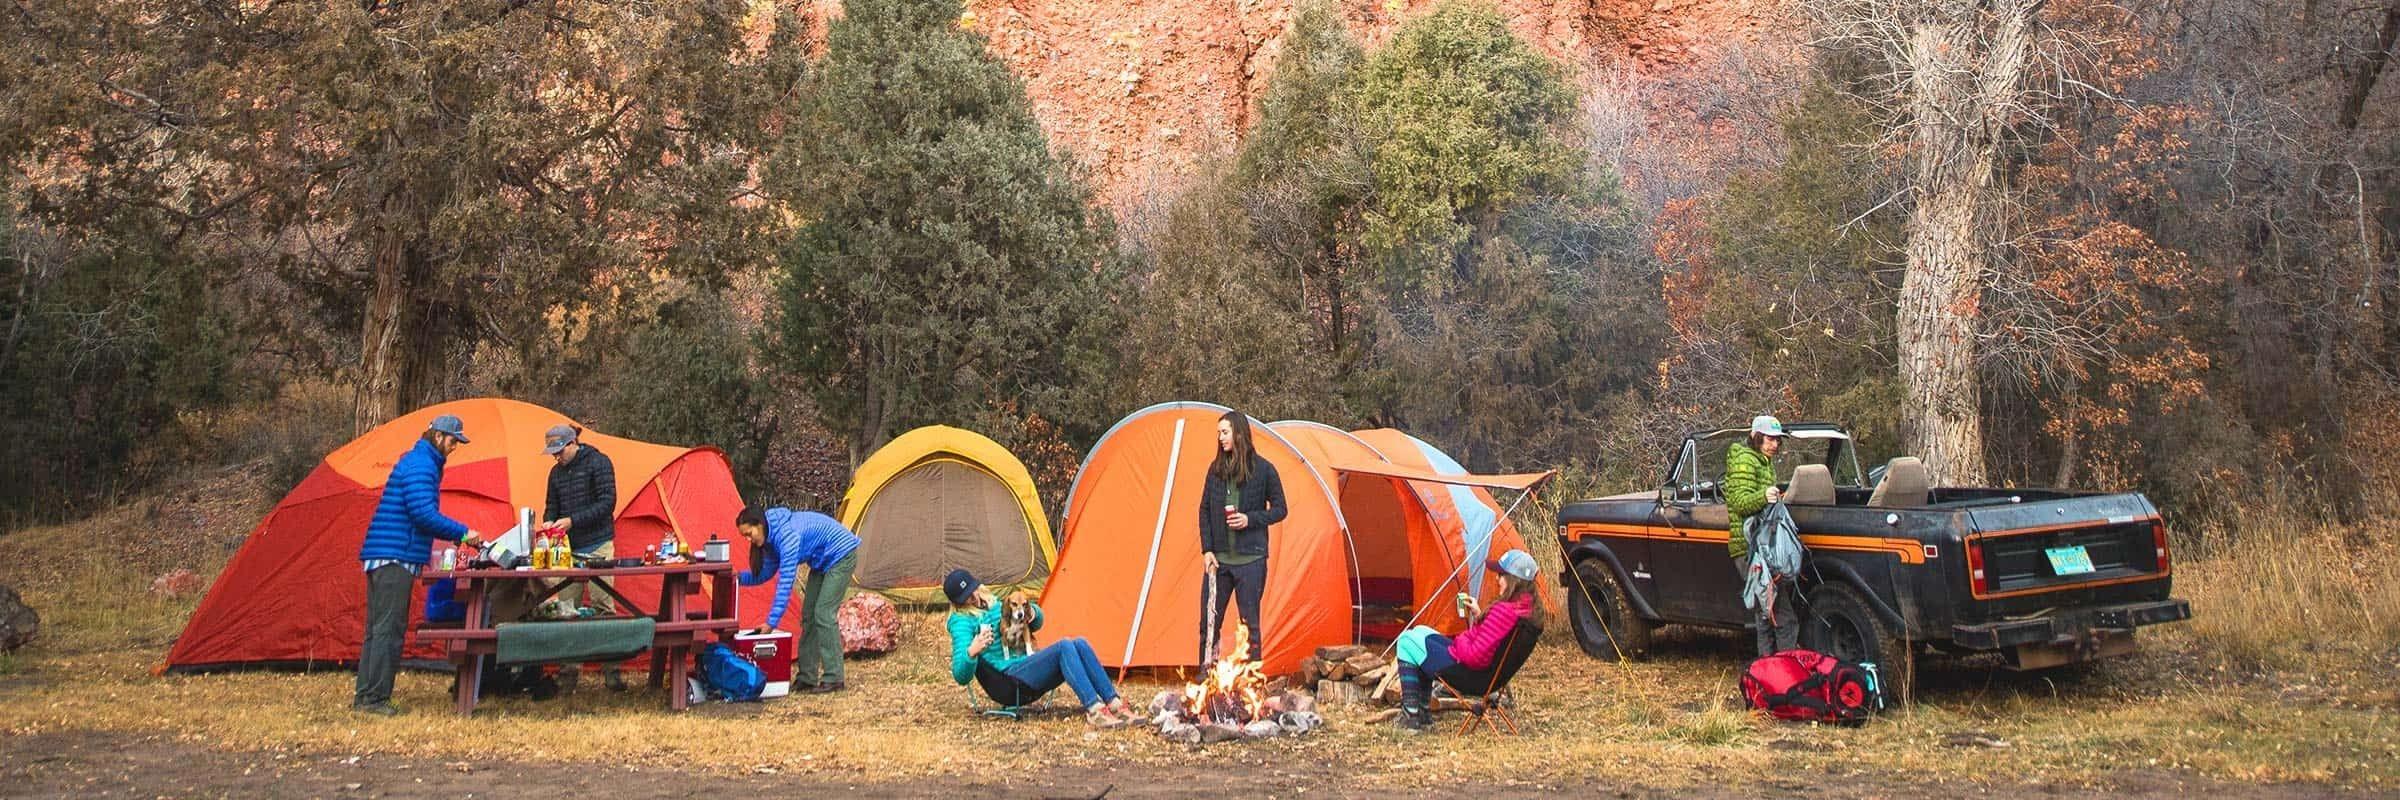 Les meilleures tentes 3 saisons pour des sorties de camping réussies